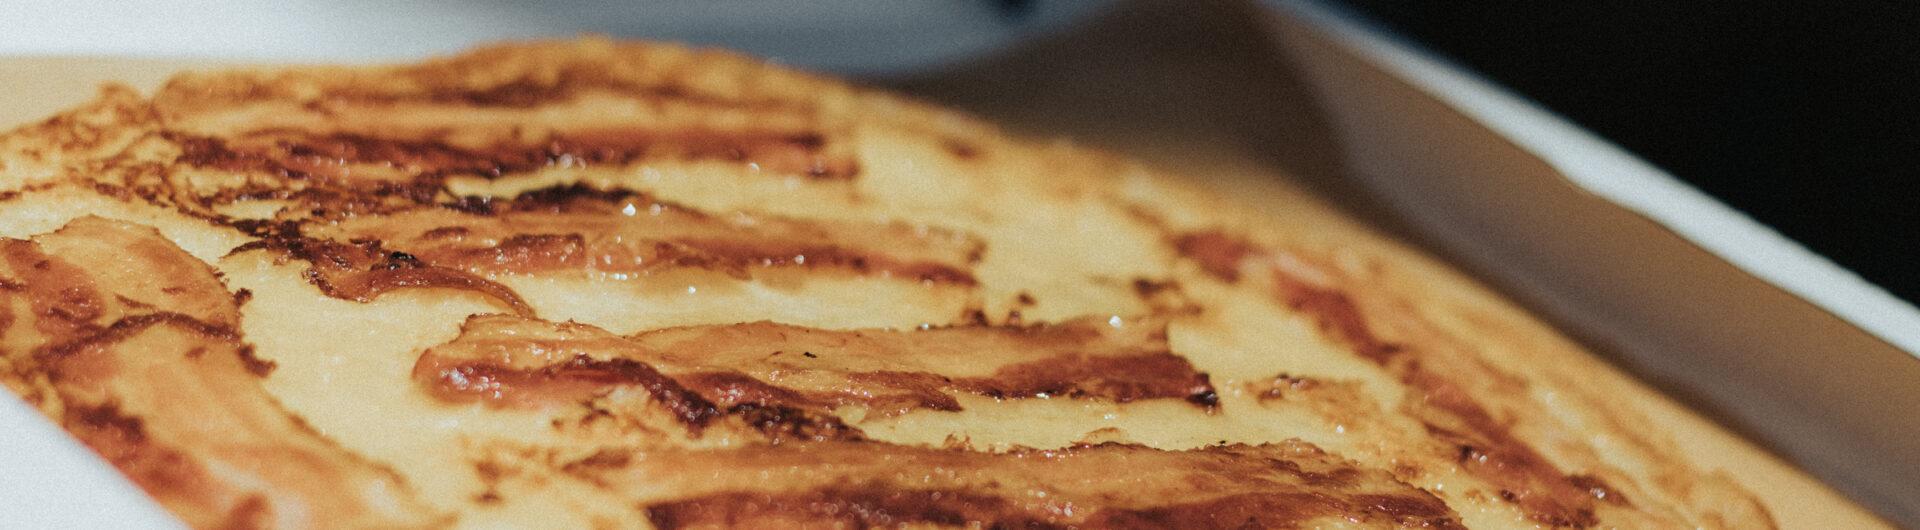 Pannenkoek To Go restaurant Bruis Blaricum